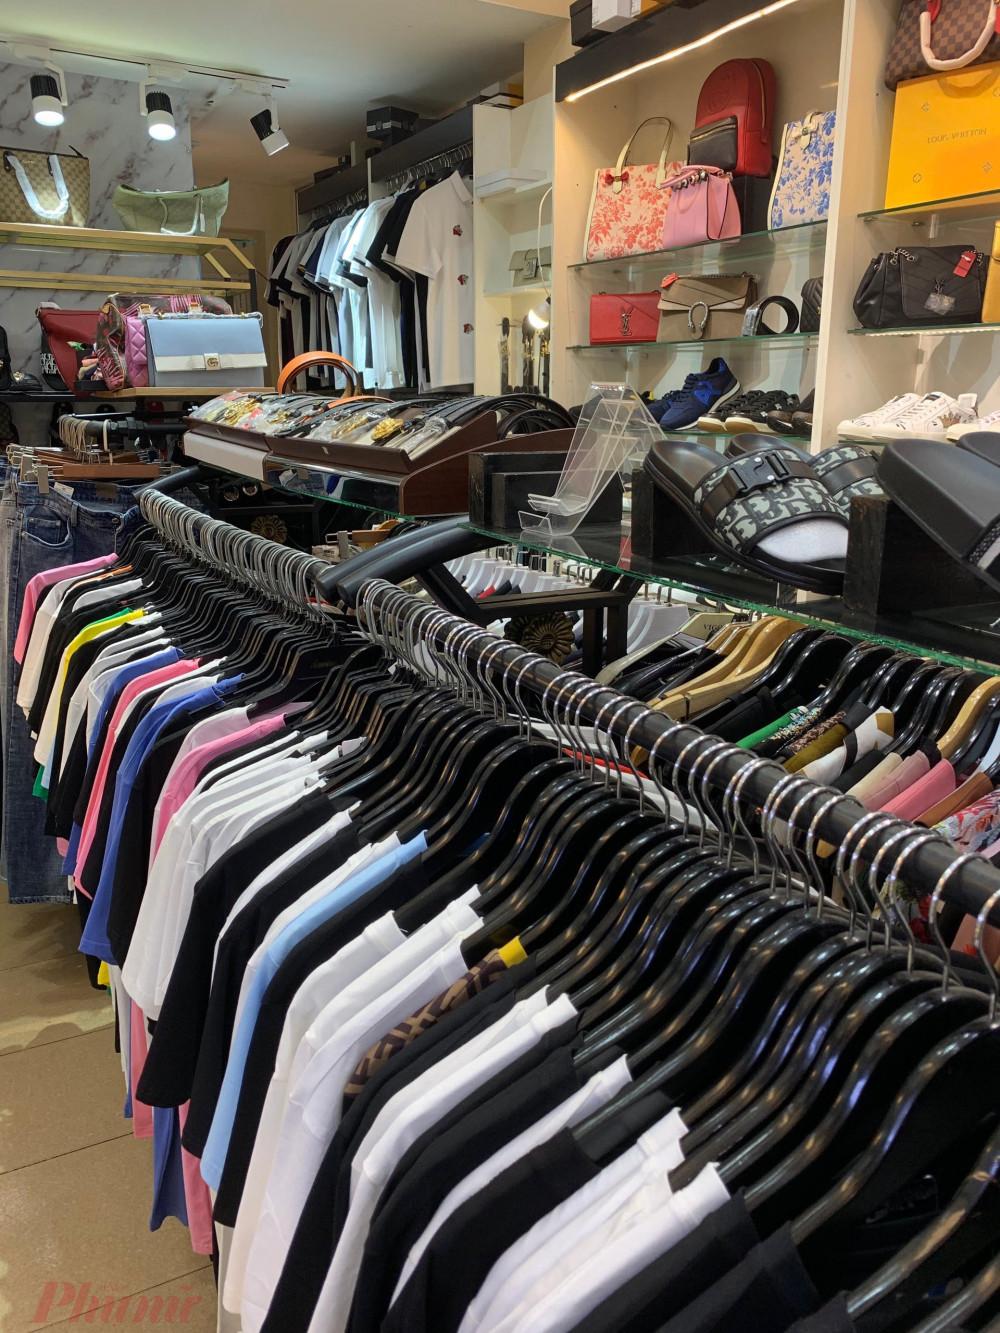 Ngoài túi xách, giày dép, mũ nón, dây nịt...,cửa hàng Dứa còn báo quần áo thời trang nam, nữ